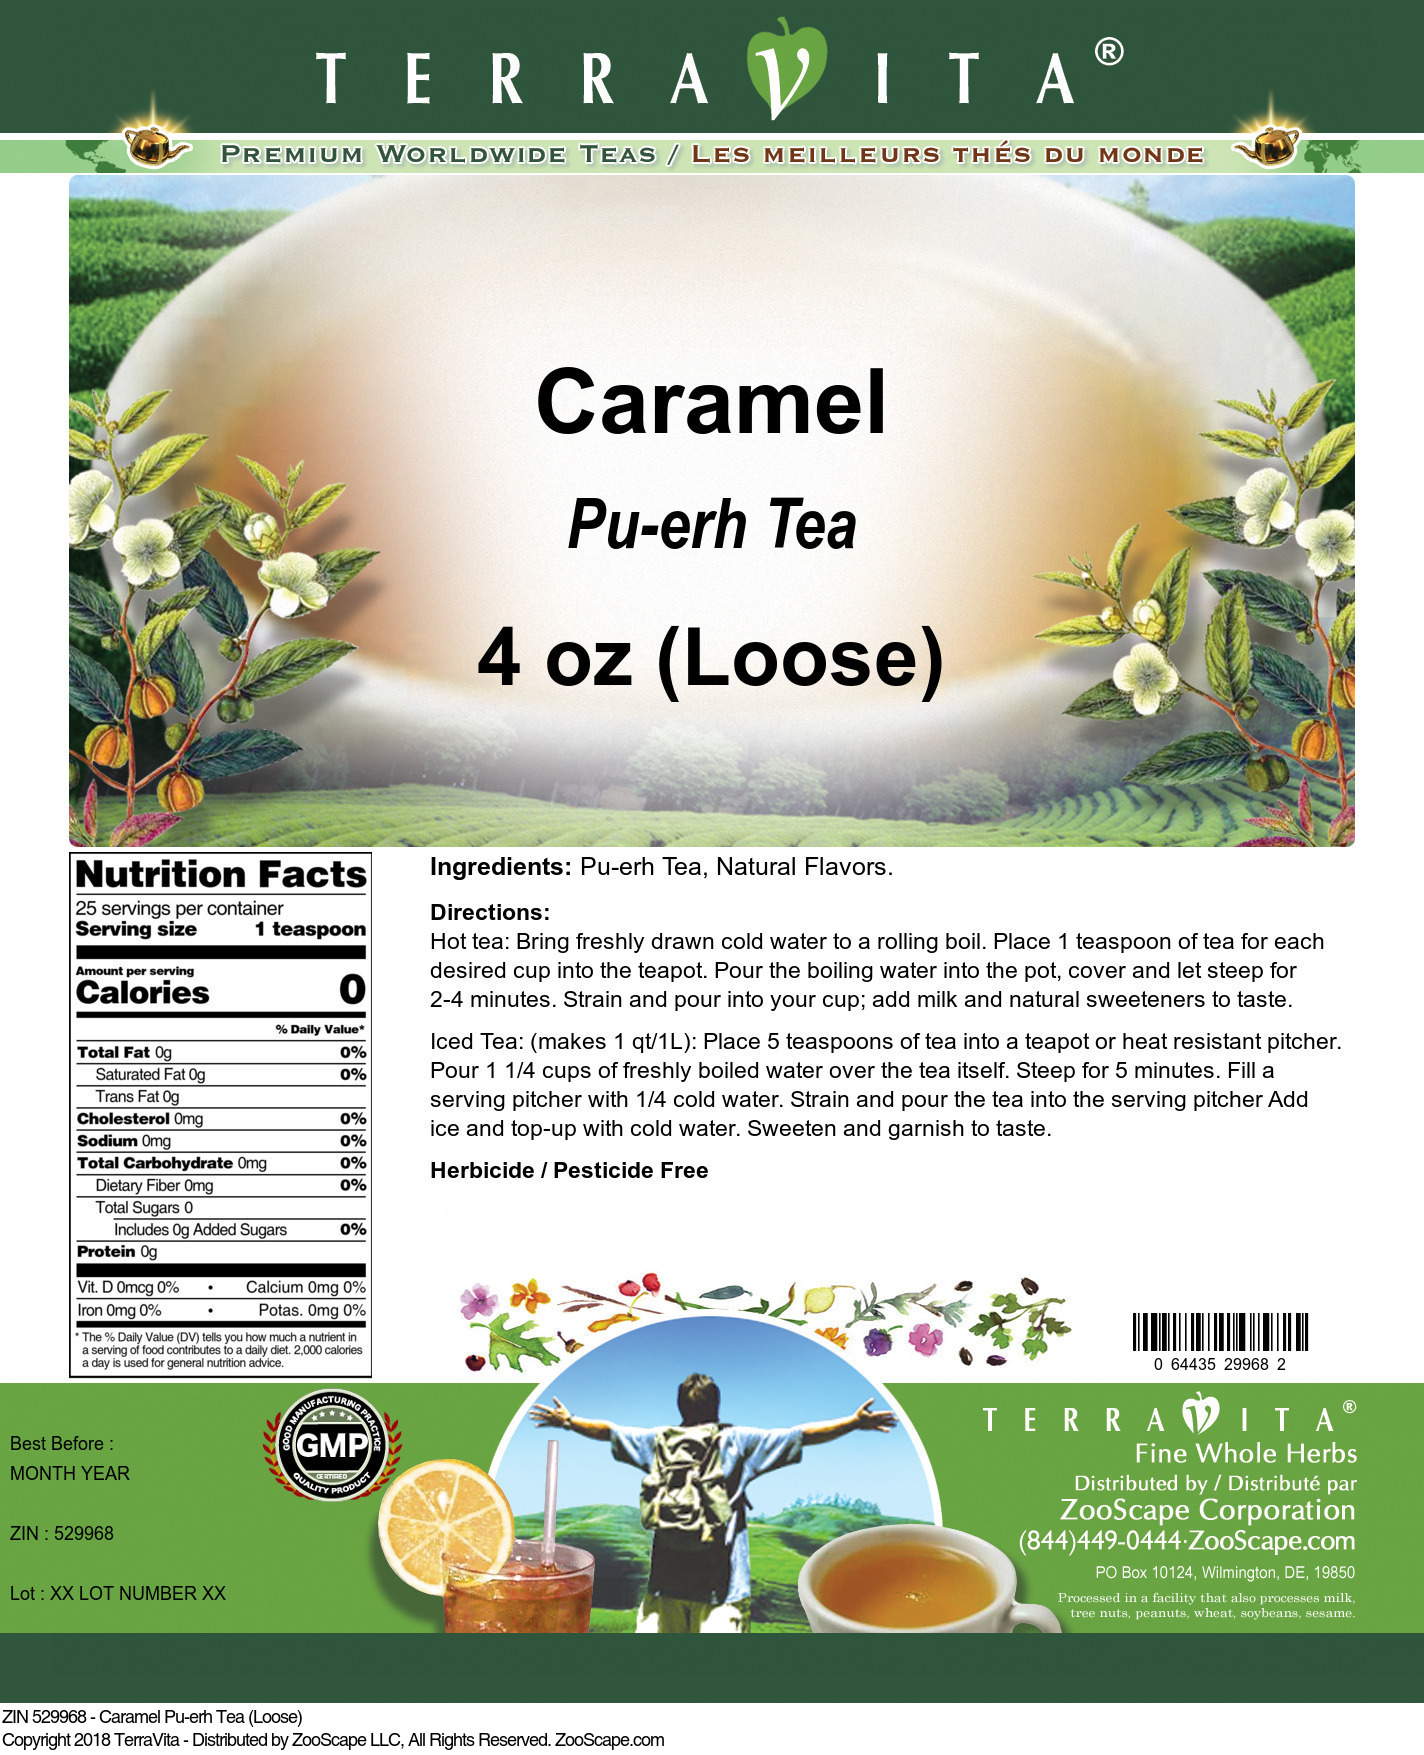 Caramel Pu-erh Tea (Loose)